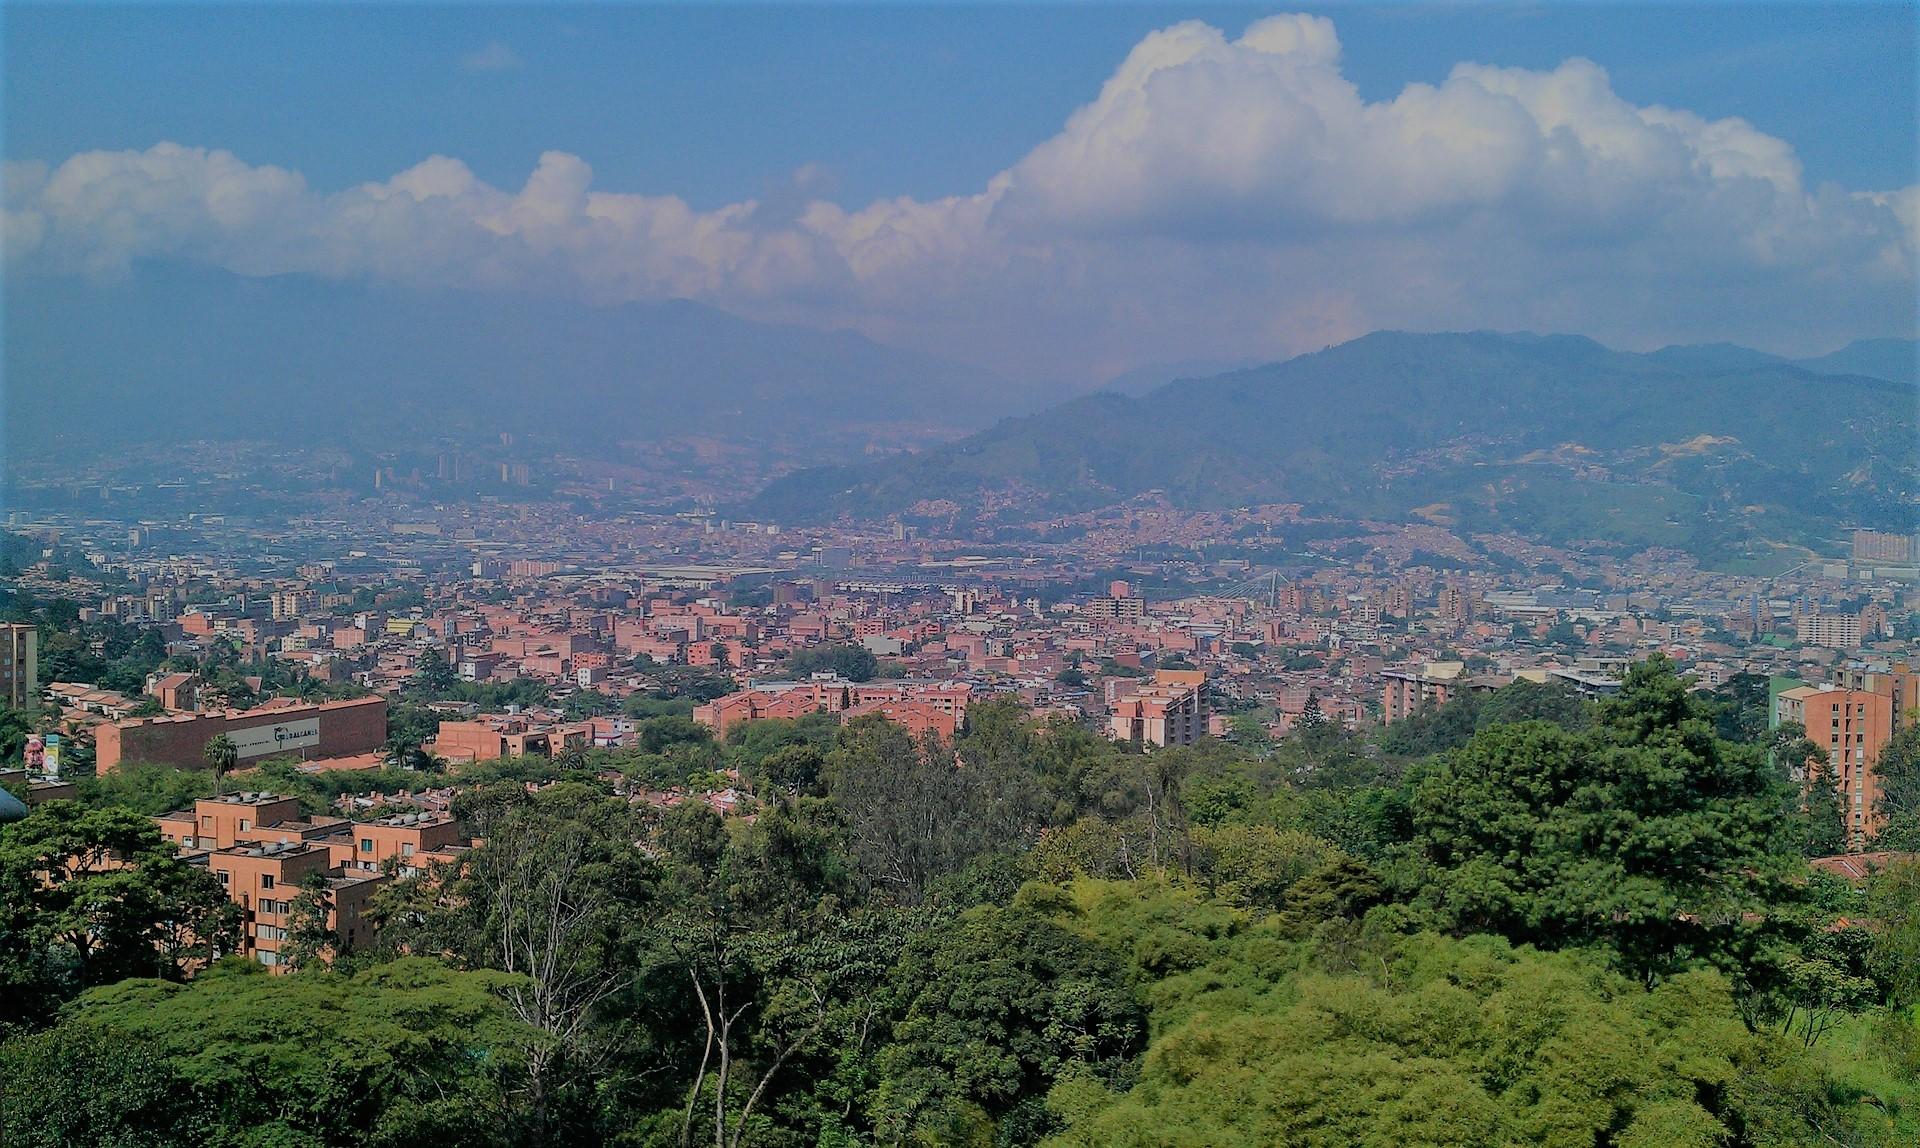 Medio Ambiente es la principal preocupación de ciudadanos colombianos según Encuesta de la Red de Ciudades Cómo Vamos